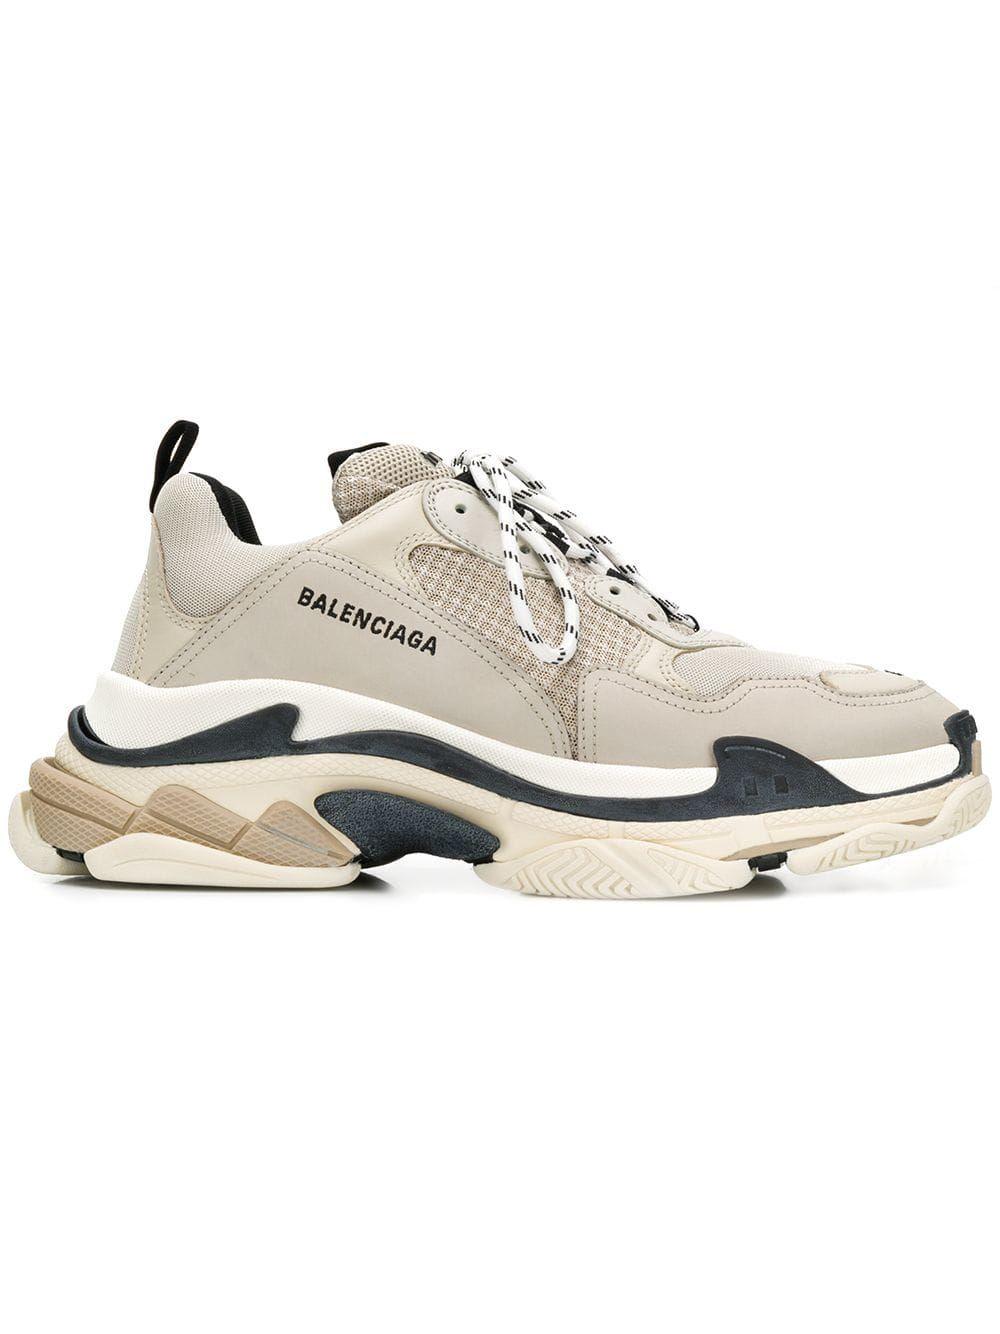 a01165507e93 BALENCIAGA BALENCIAGA TRIPLE S SNEAKERS - NEUTRALS.  balenciaga  shoes